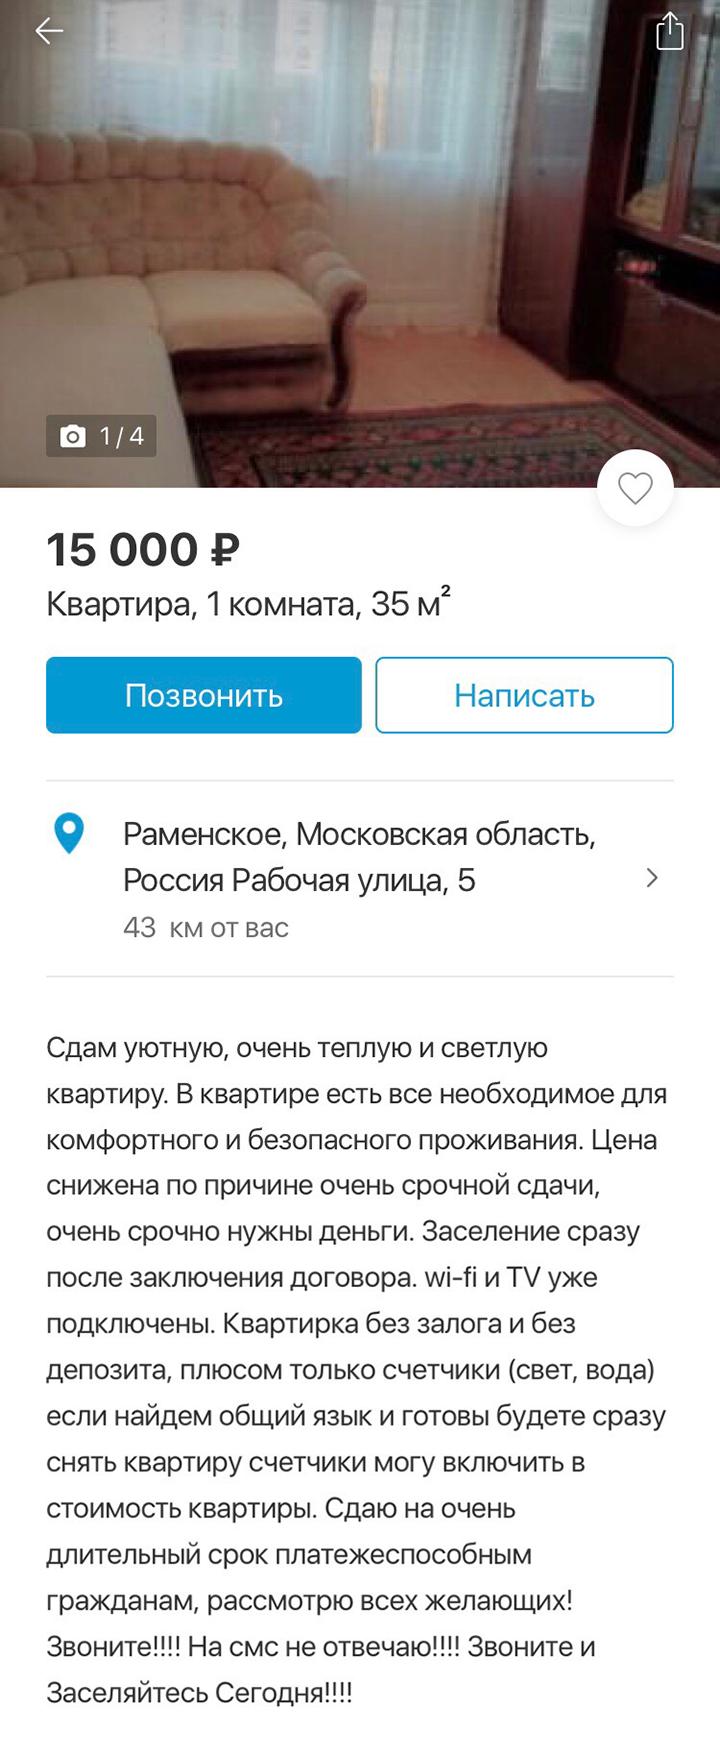 В этом объявлении видно, что собственнику срочно понадобились деньги. Такую квартиру можно сдать за 18 тысяч рублей, но за 15 тысяч ее снимут быстрее